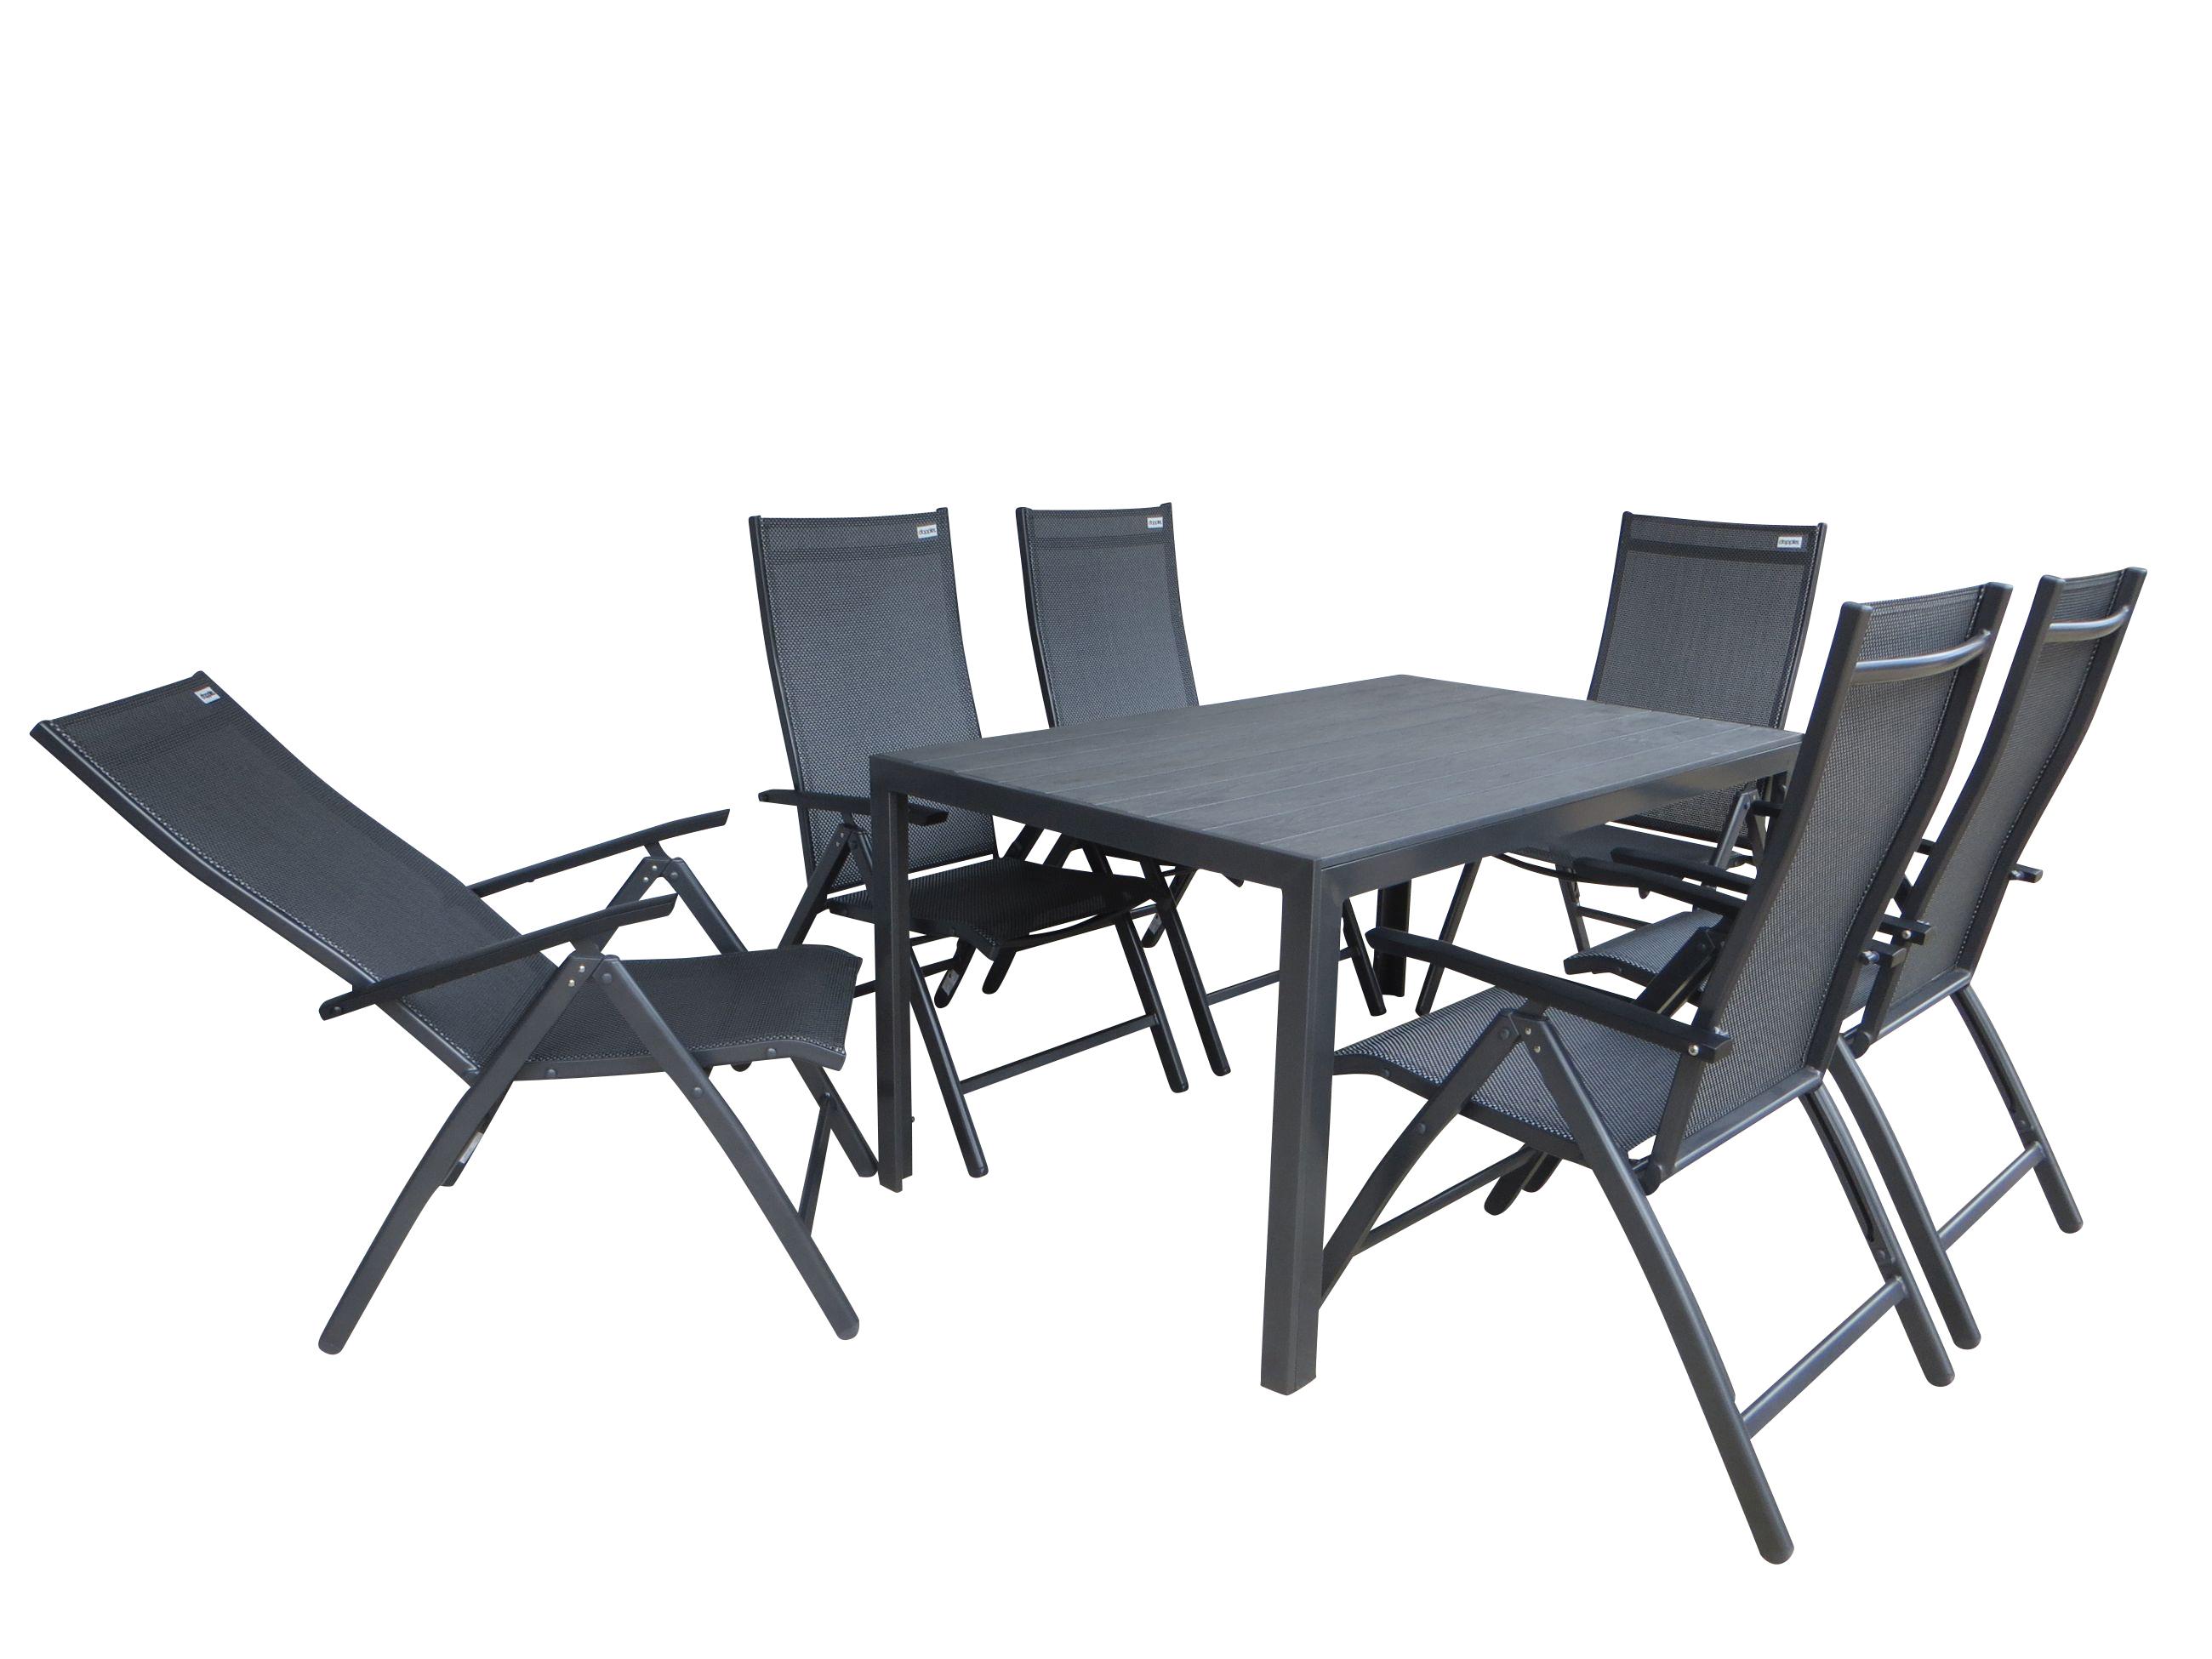 salvador xl alu gartenm bel set sitzgarnitur 7 teilig. Black Bedroom Furniture Sets. Home Design Ideas